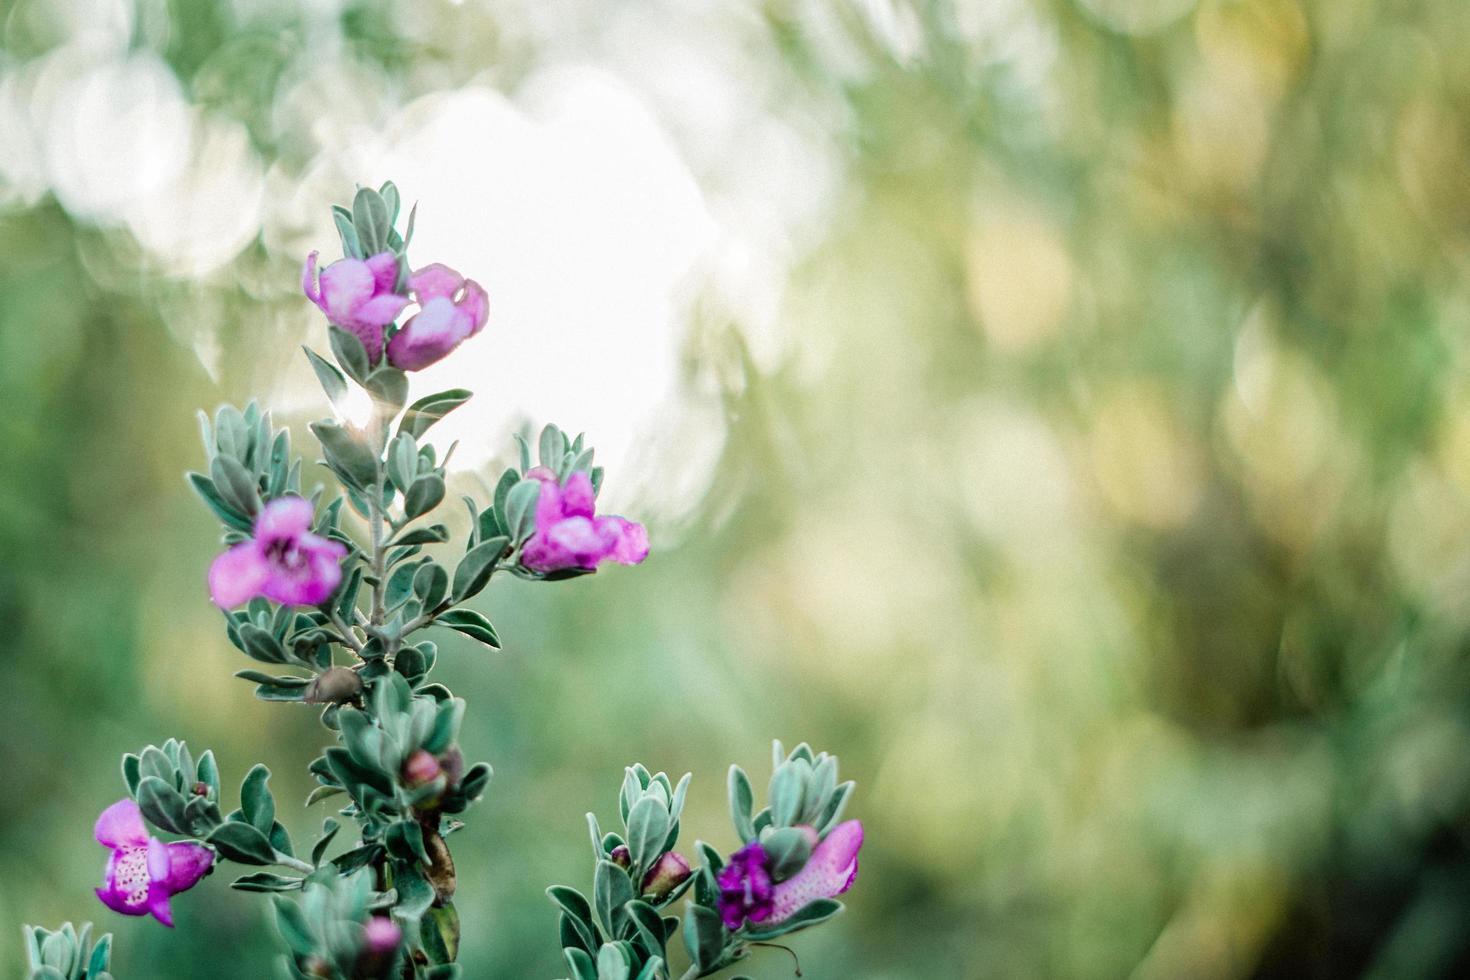 paarse bloemen in de tuin foto